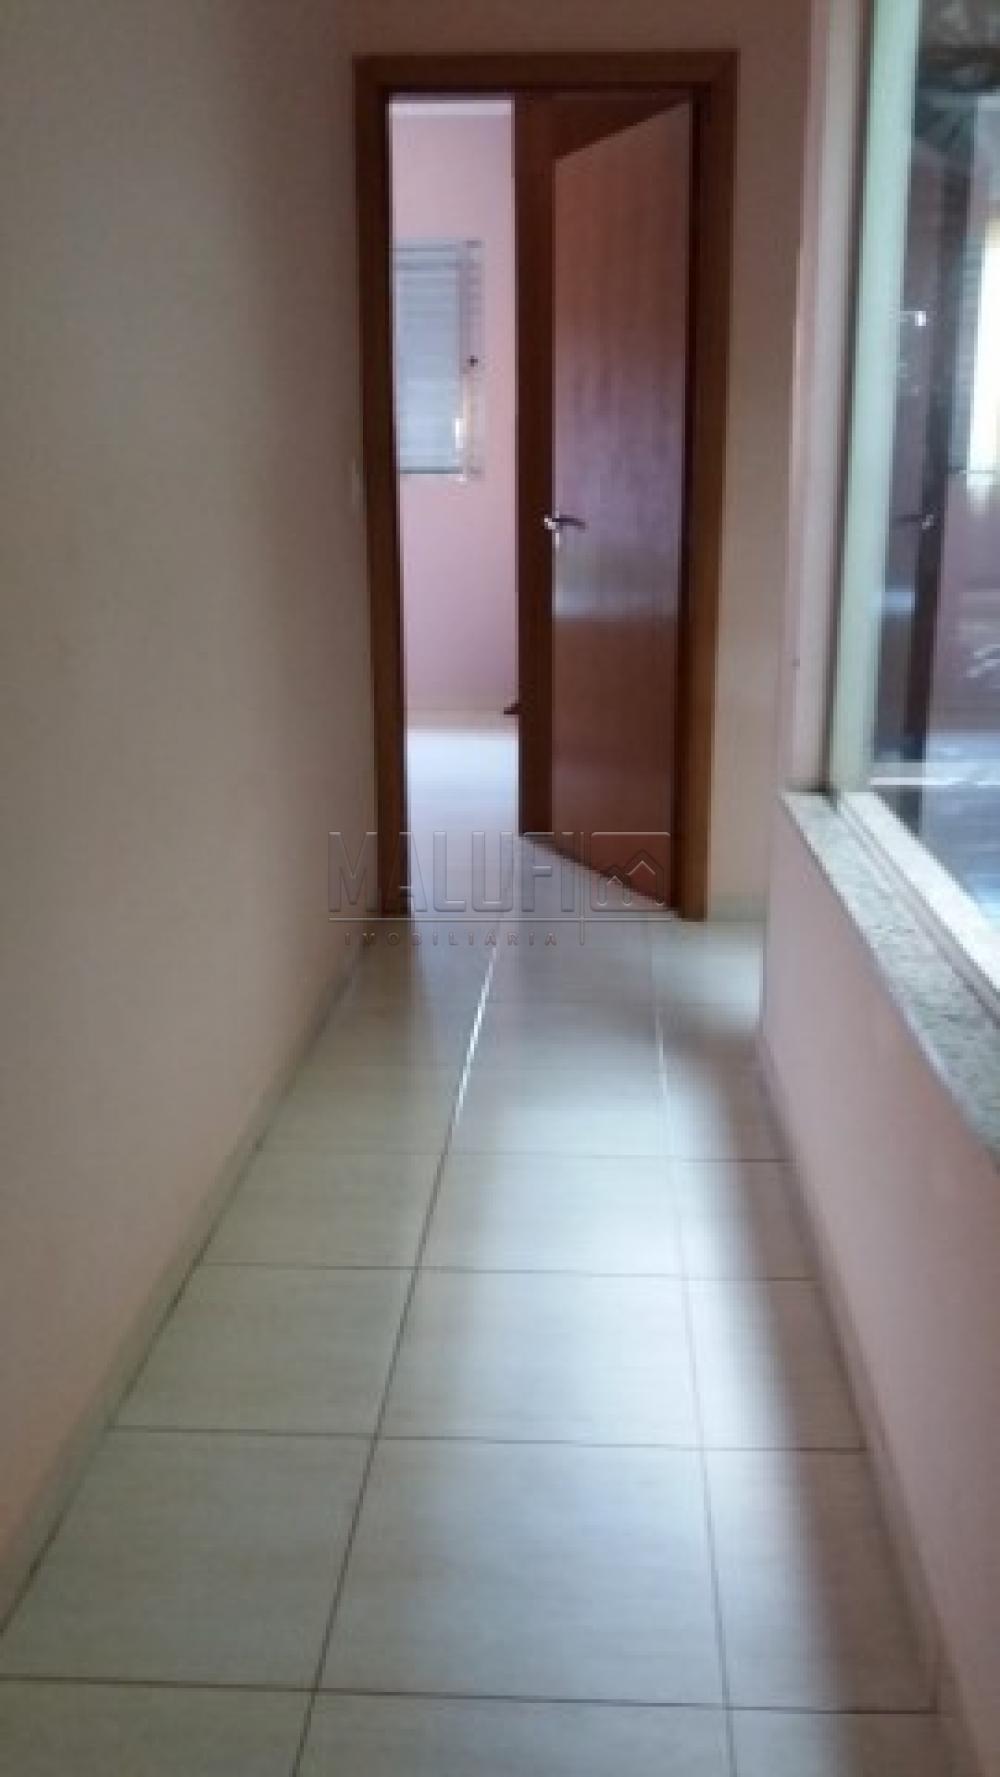 Comprar Casas / Padrão em Olímpia apenas R$ 650.000,00 - Foto 10